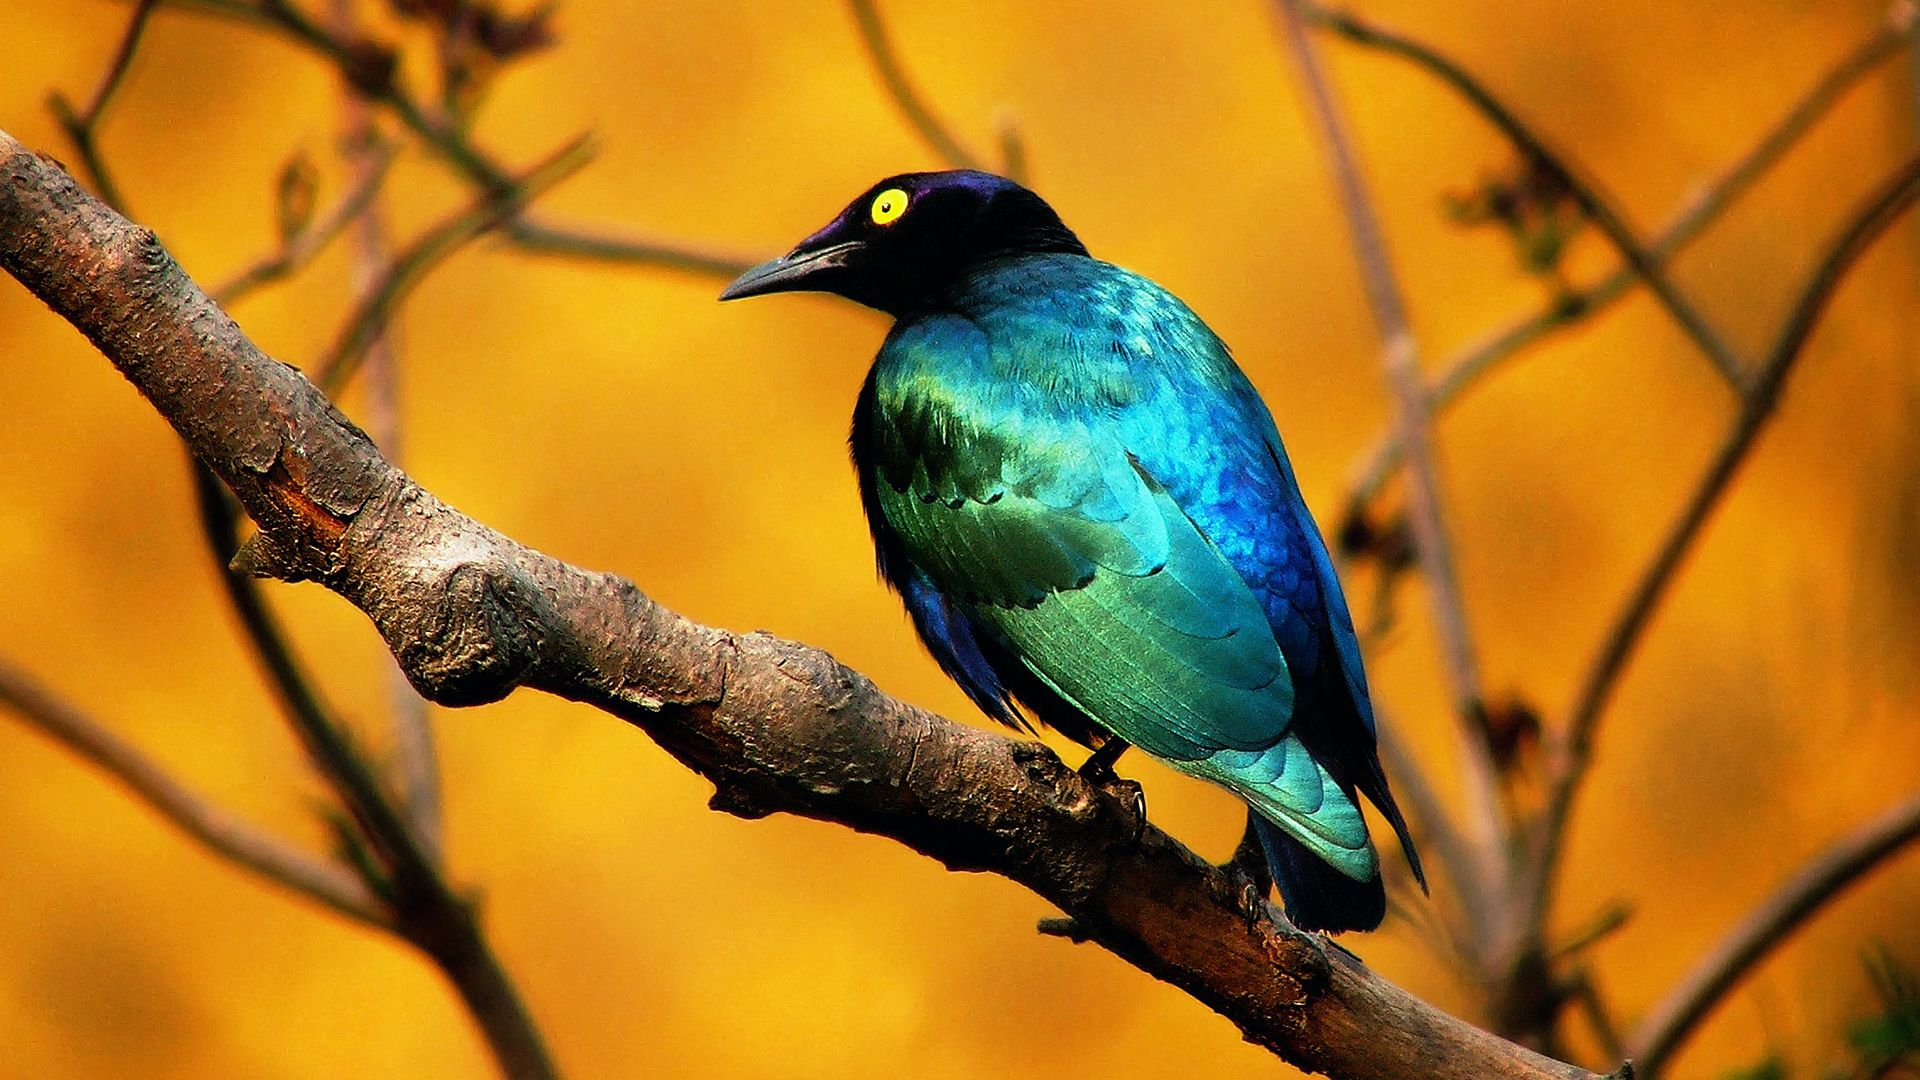 Bright Birds Picture